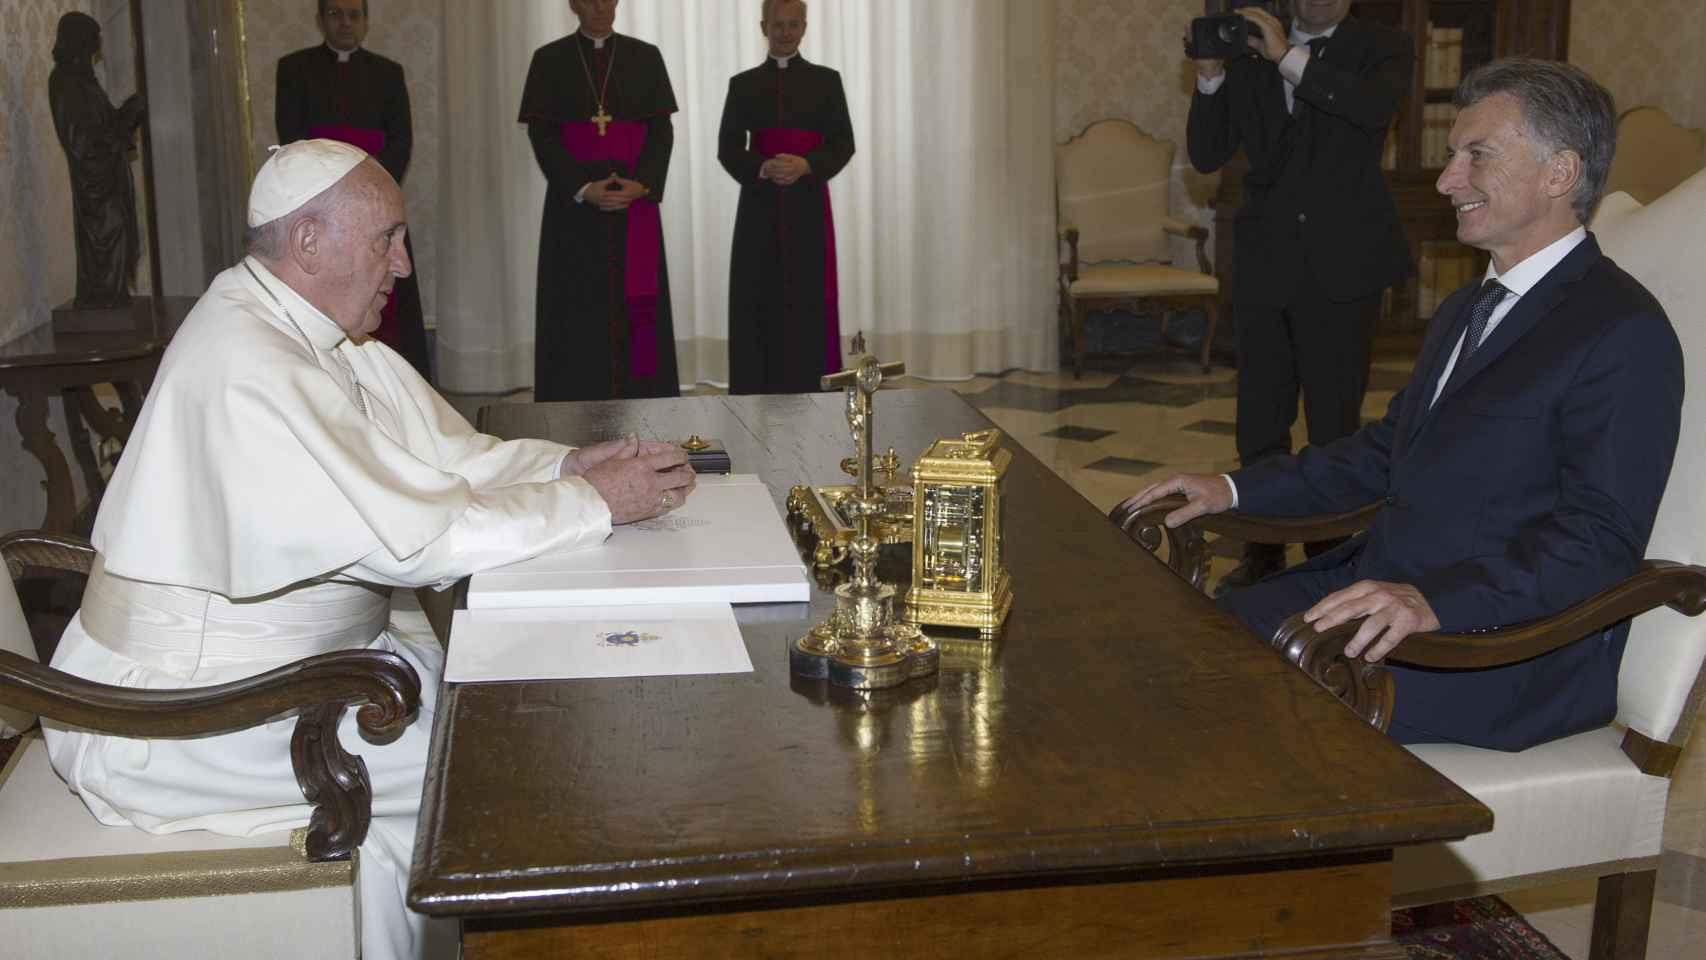 El encuentro se produjo en la Biblioteca Privada de la Santa Sede.